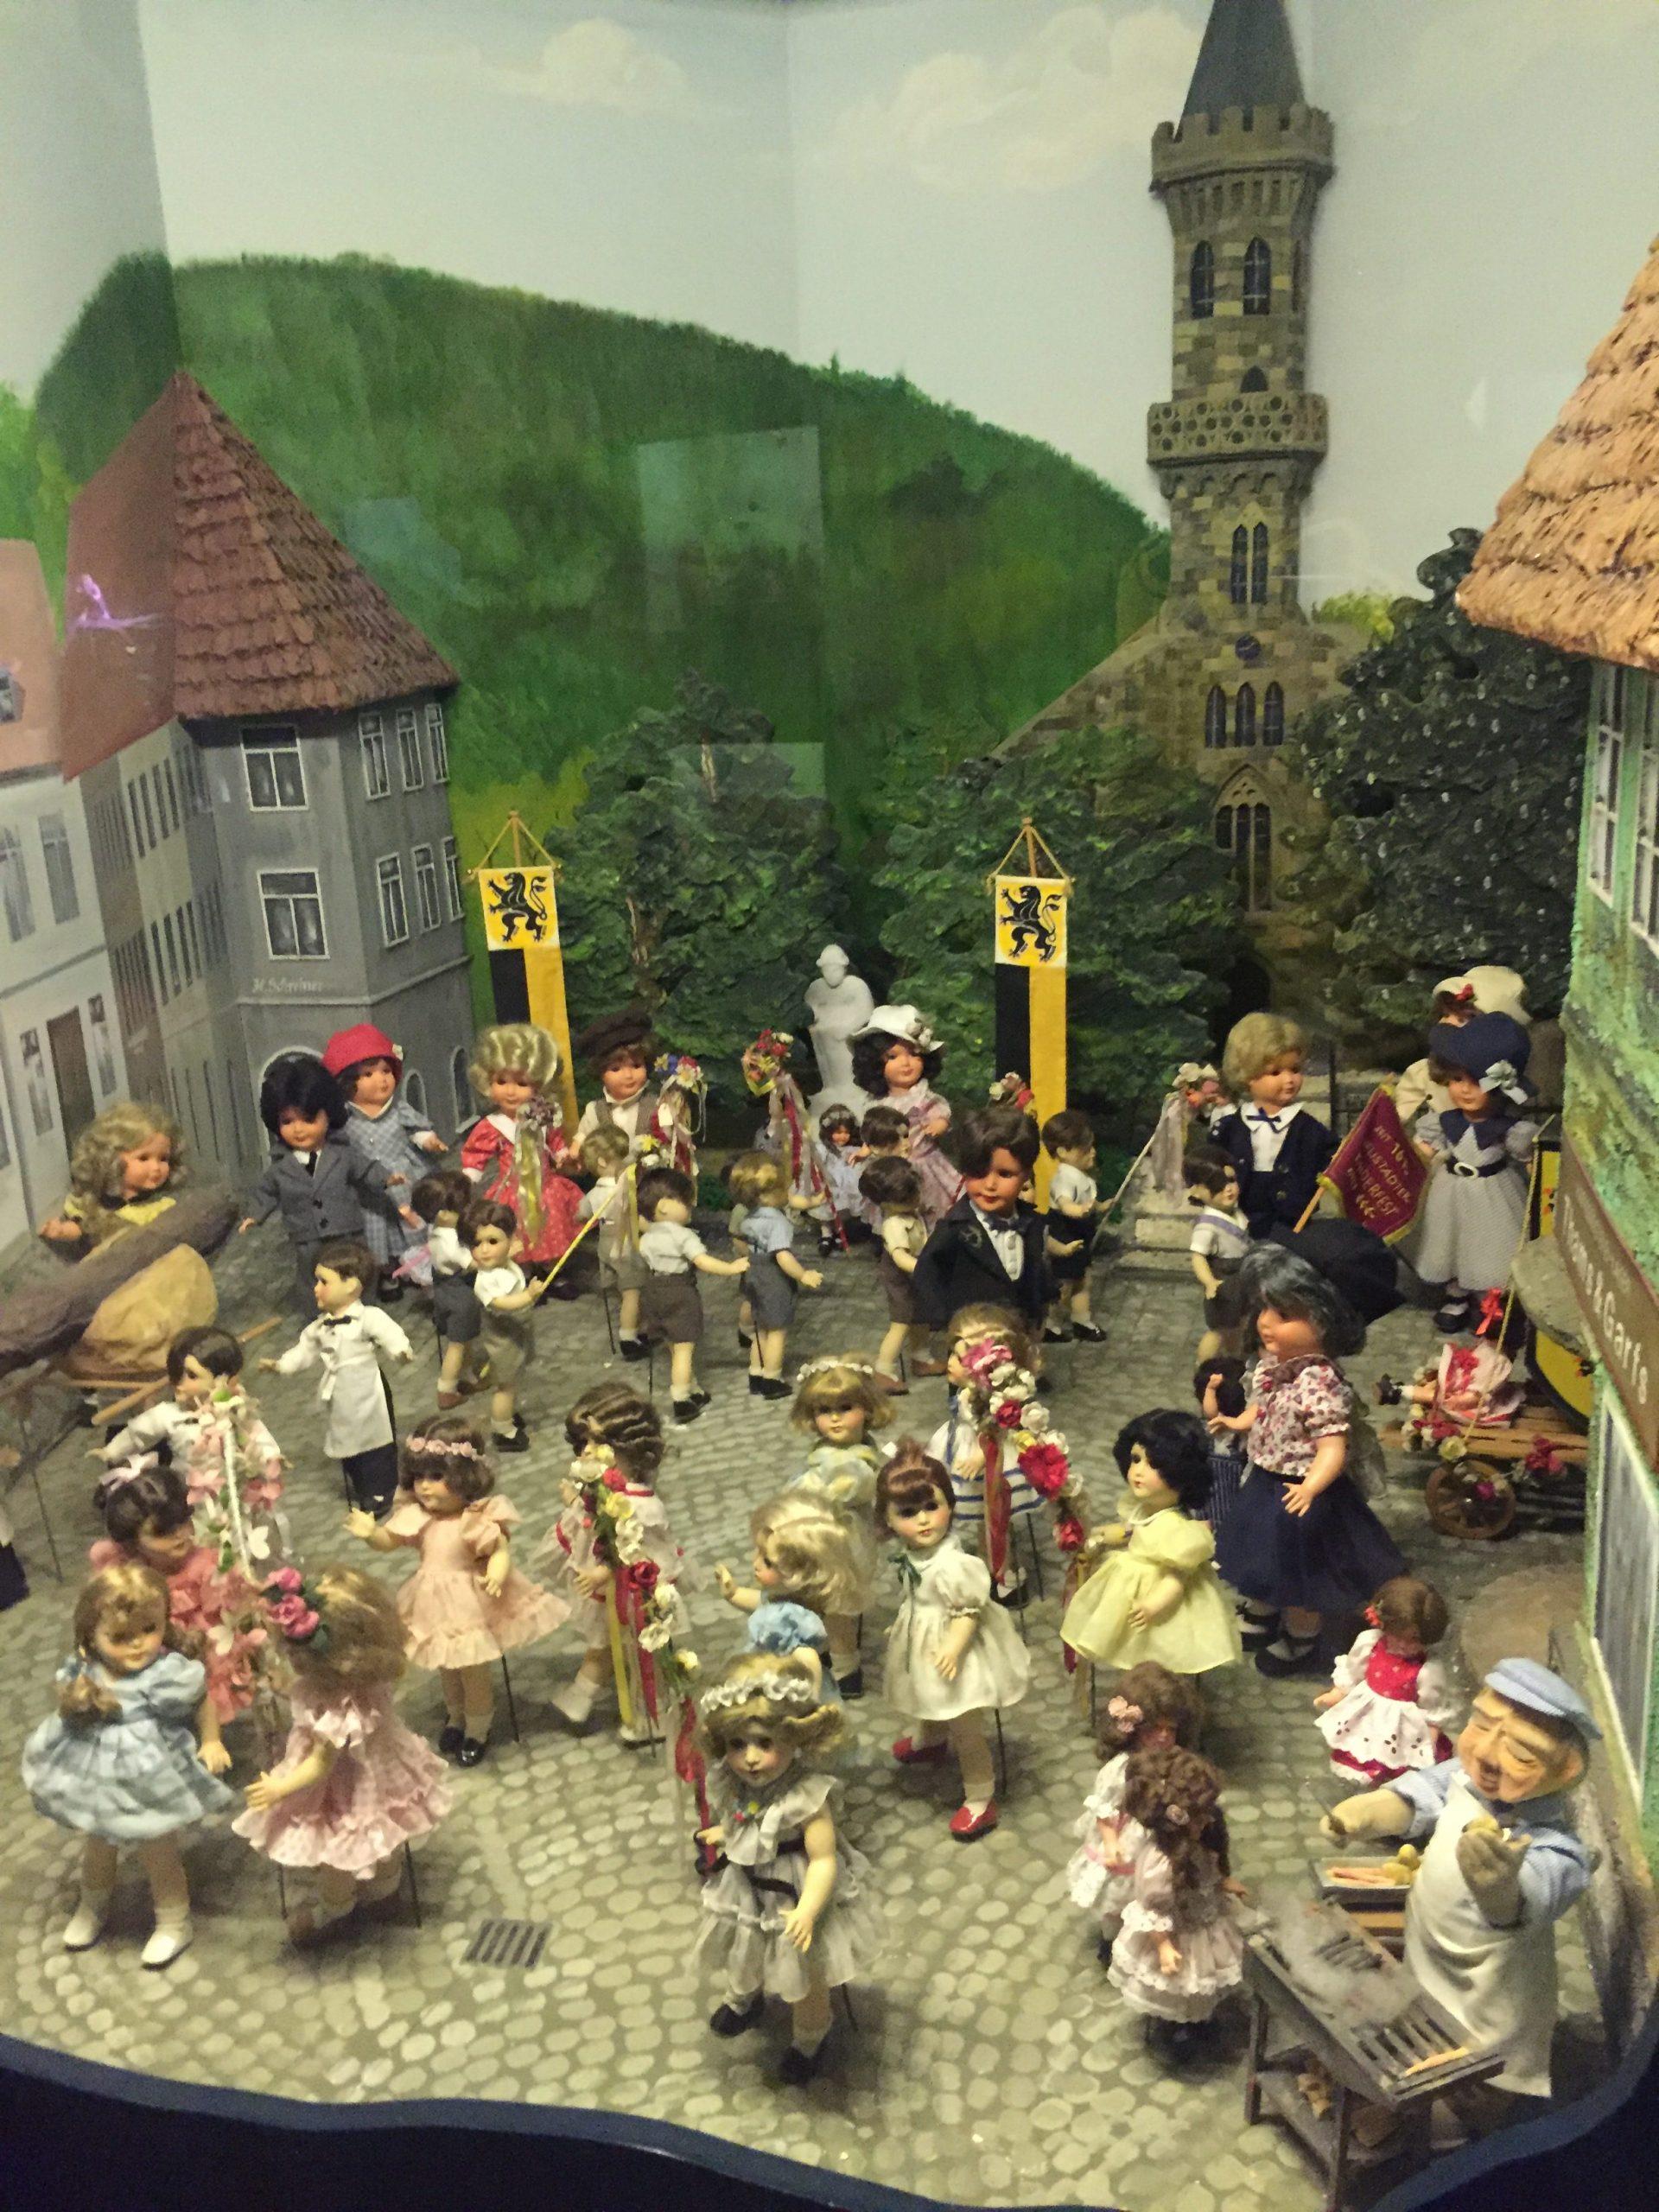 Traditionelle Puppen anderer deutscher Regionen